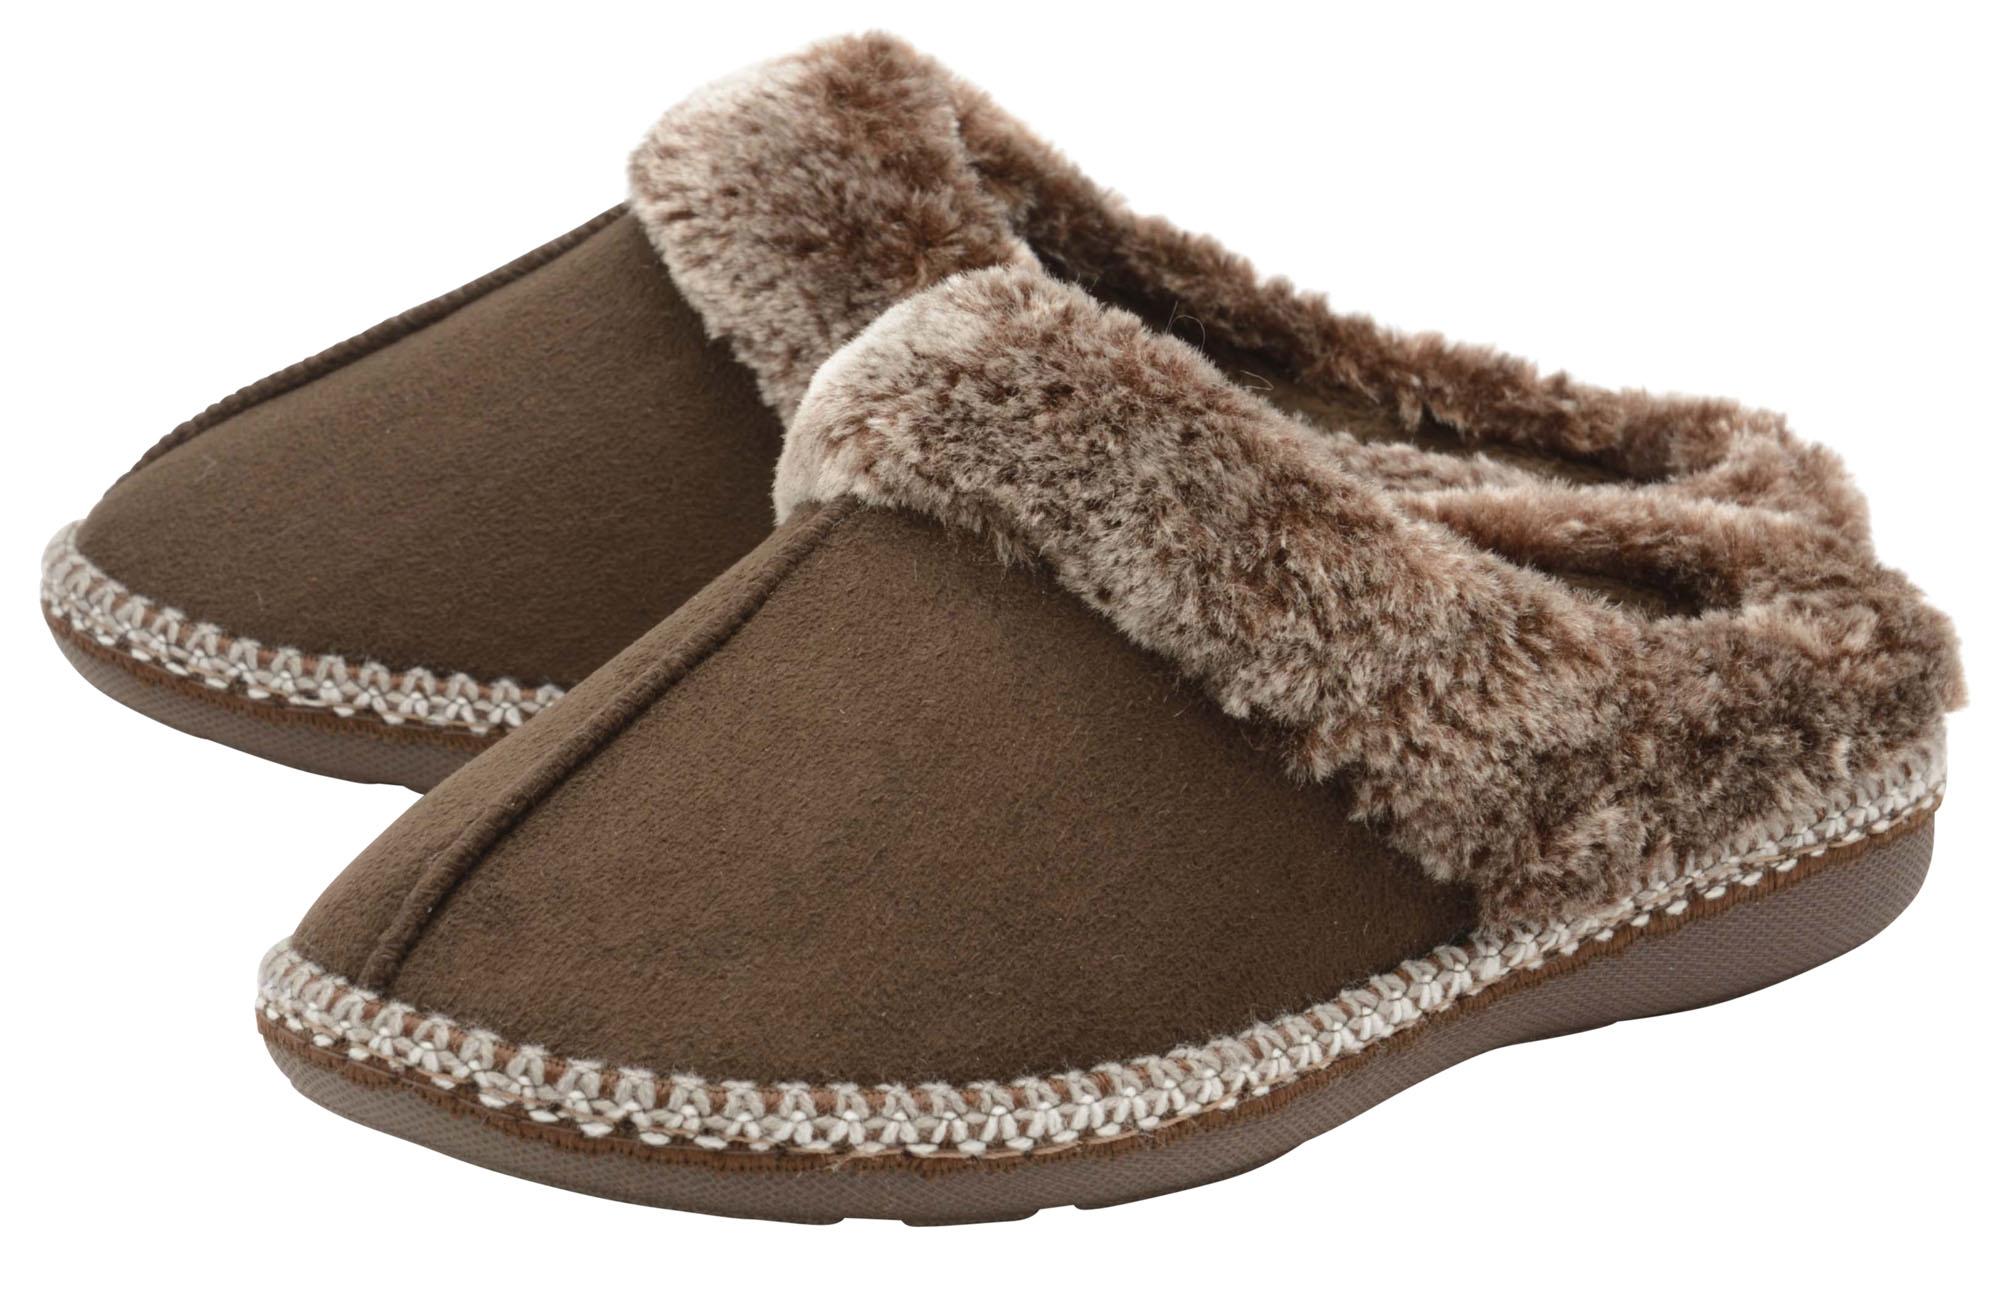 Dunlop Ladies Womens Slippers Slip On